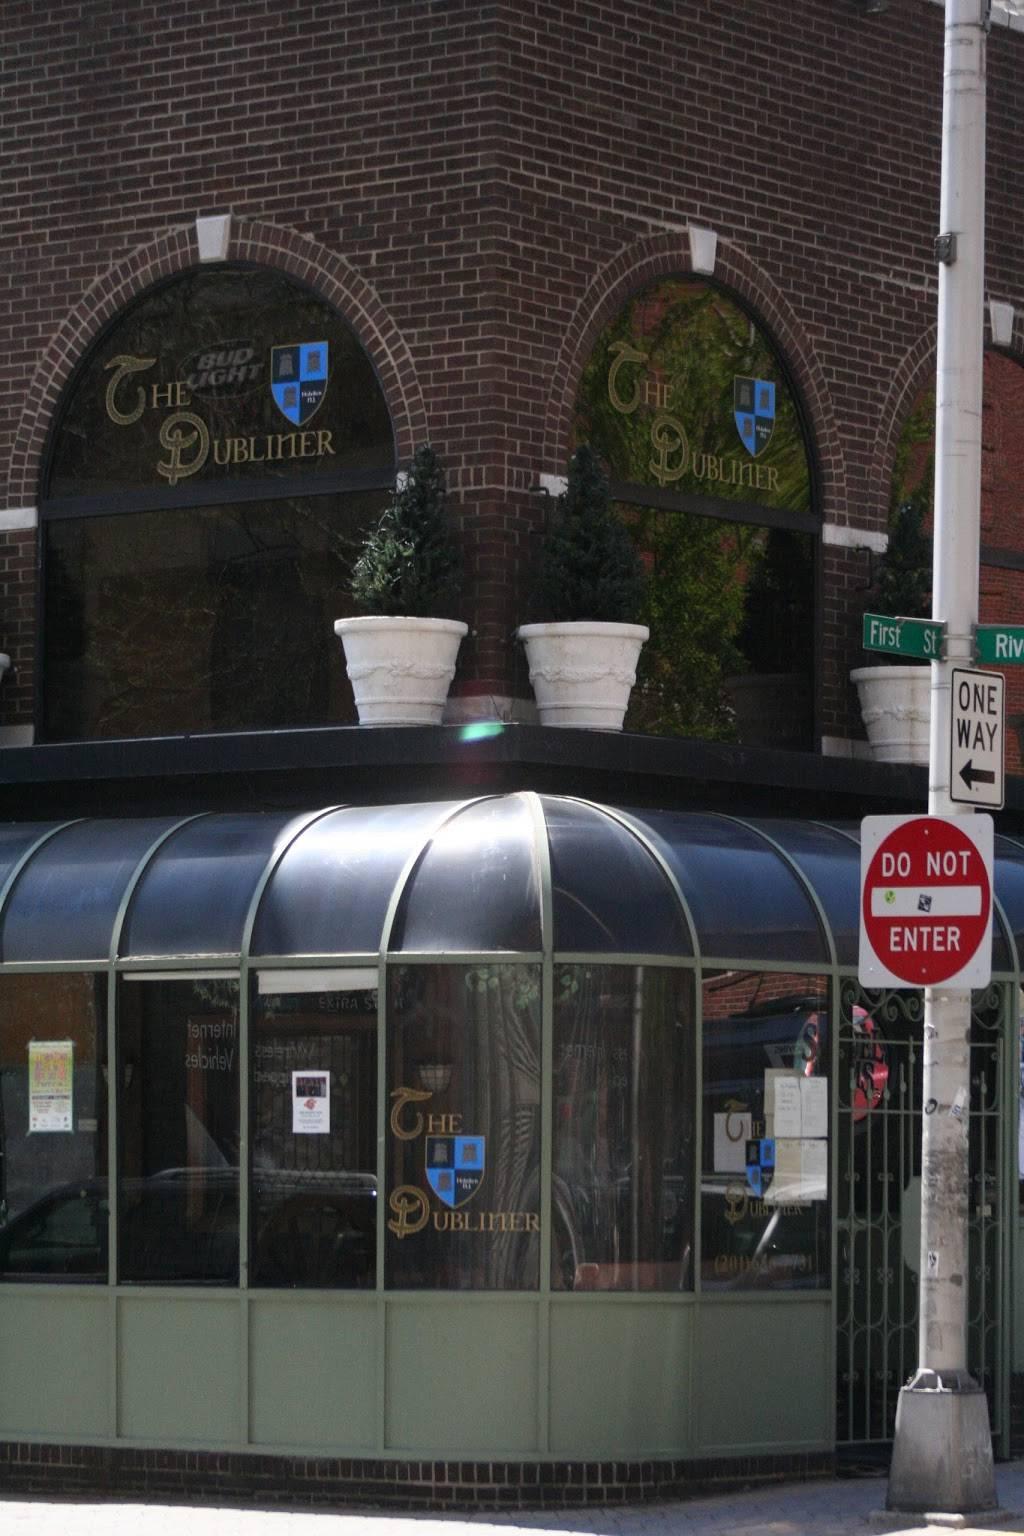 The Dubliner Hoboken   restaurant   96 River St, Hoboken, NJ 07030, USA   2016567731 OR +1 201-656-7731